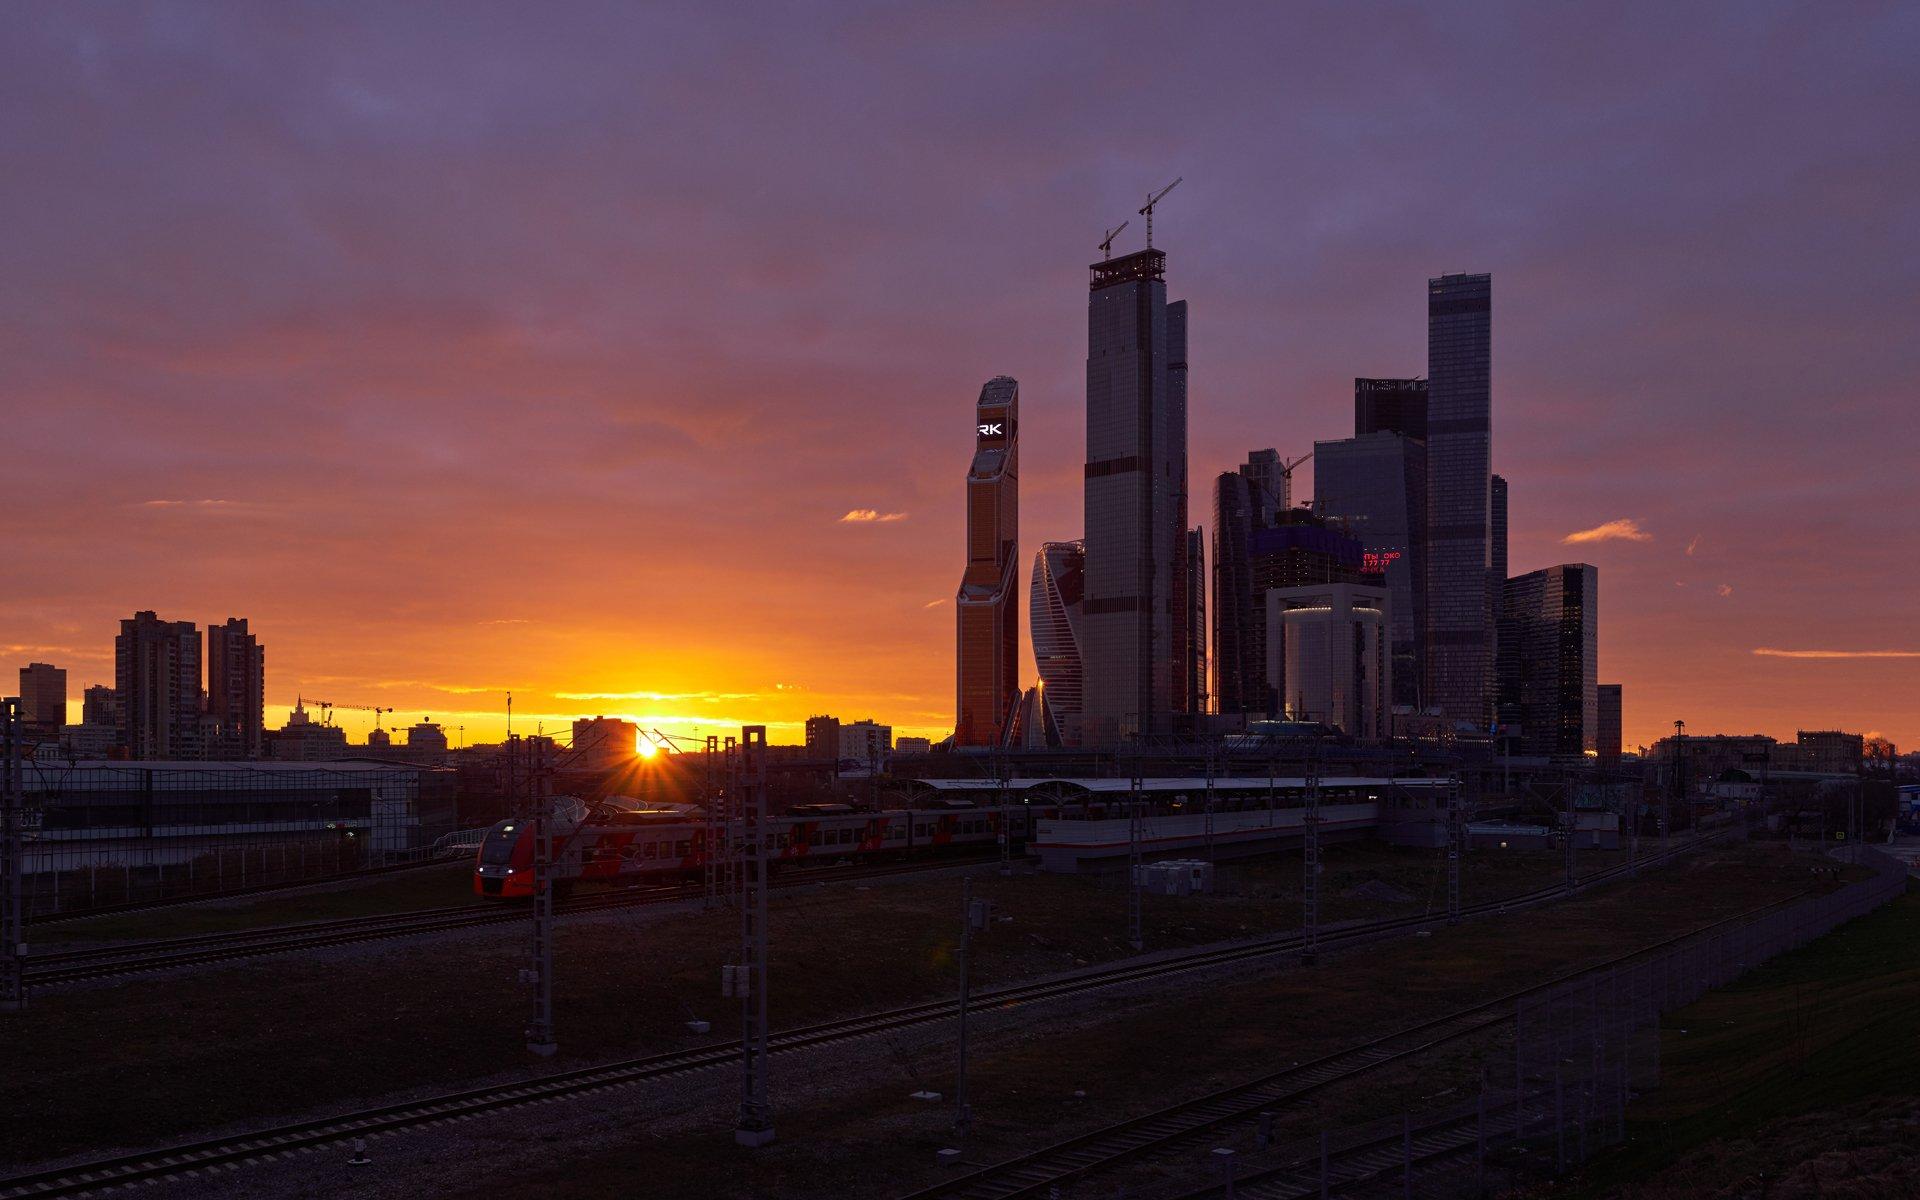 город, Москва, Сити, высотки, небоскребы, рассвет, солнце, деловой, район, Юрий Дегтярёв